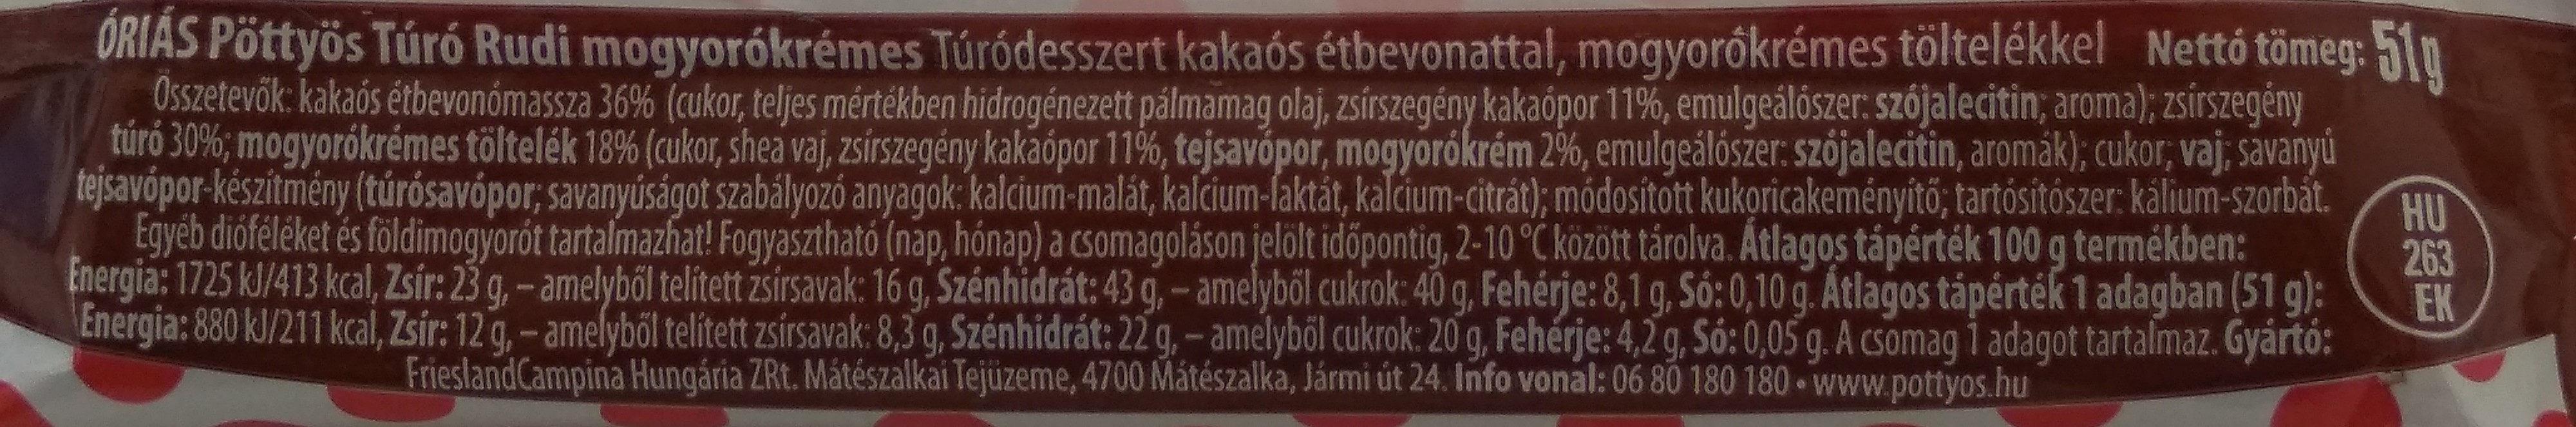 Óriás pöttyös túrórudi, mogyorókrémes - Ingrédients - hu